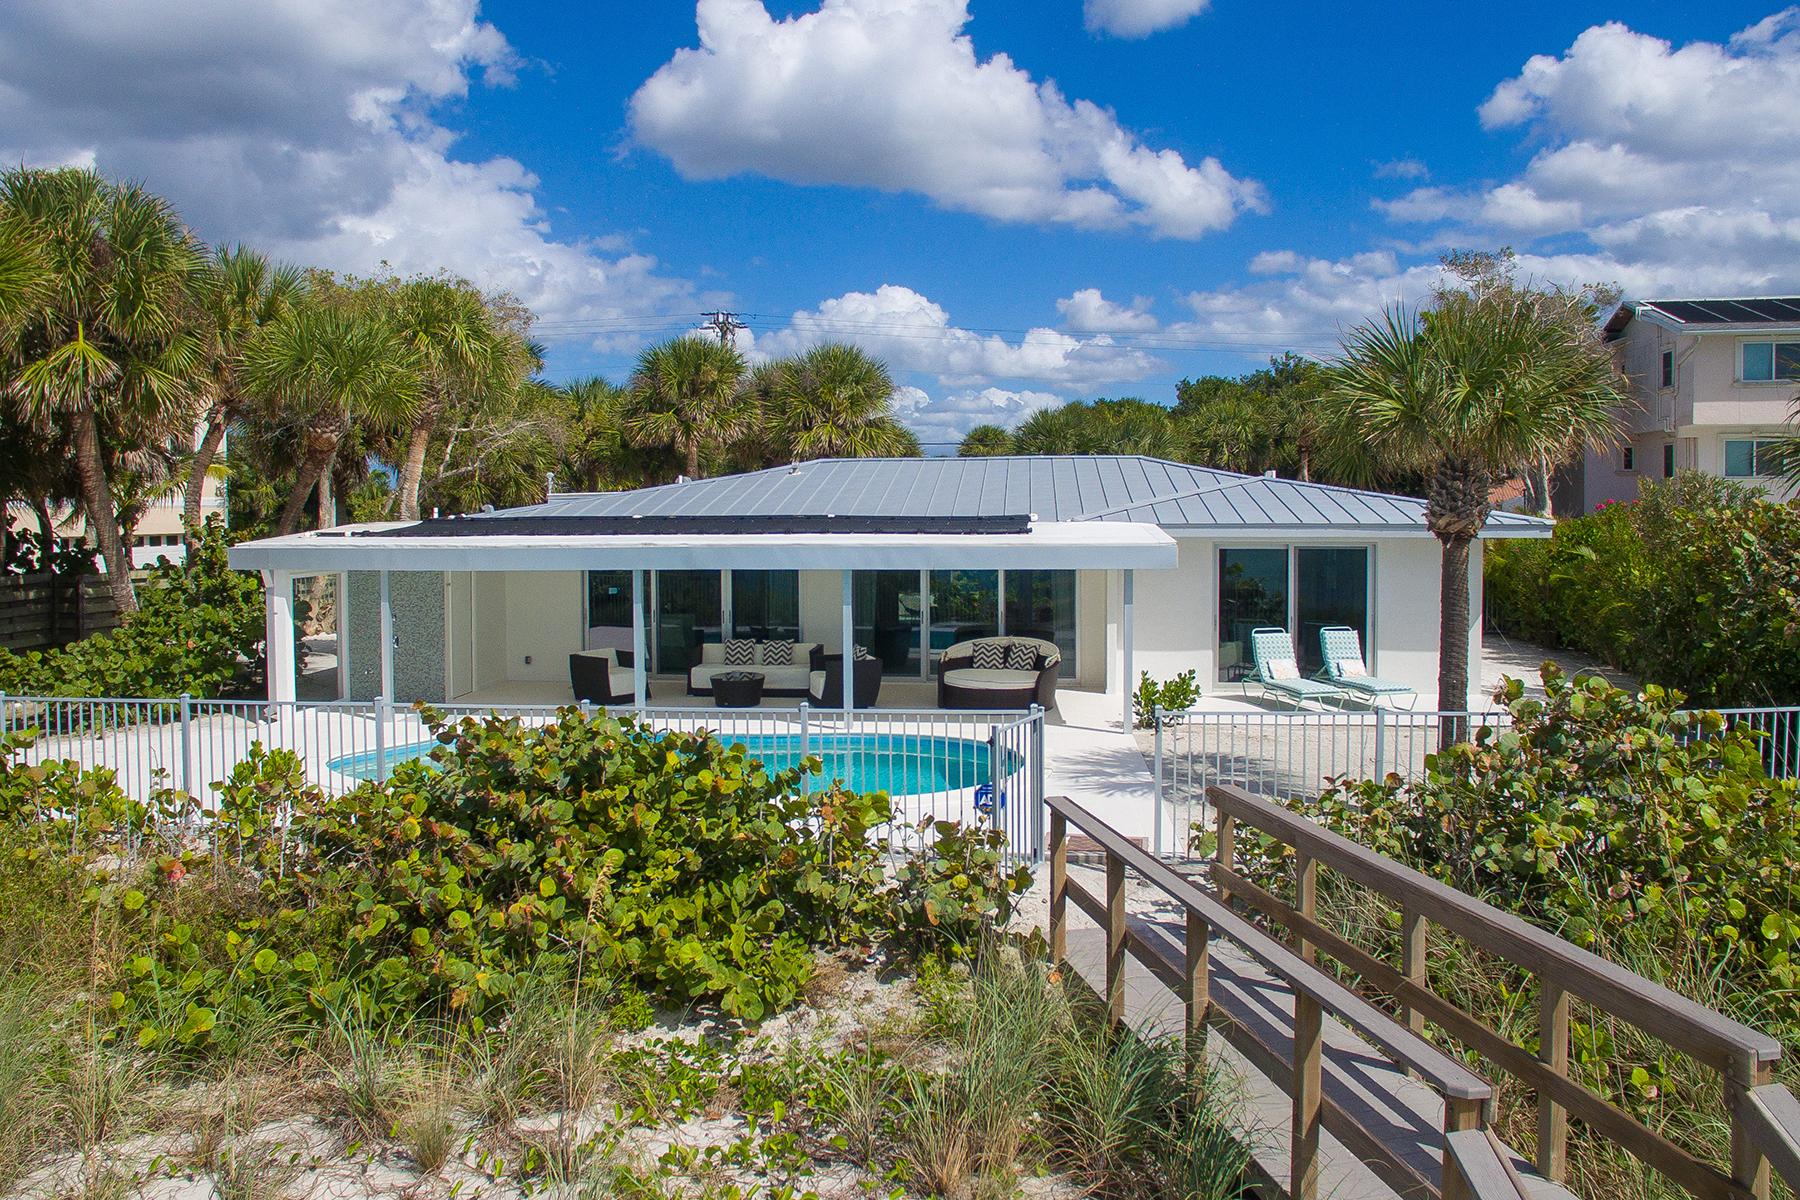 Nhà ở một gia đình vì Bán tại MANASOTA KEY ISLAND 8040 Manasota Key Rd Englewood, Florida, 34223 Hoa Kỳ